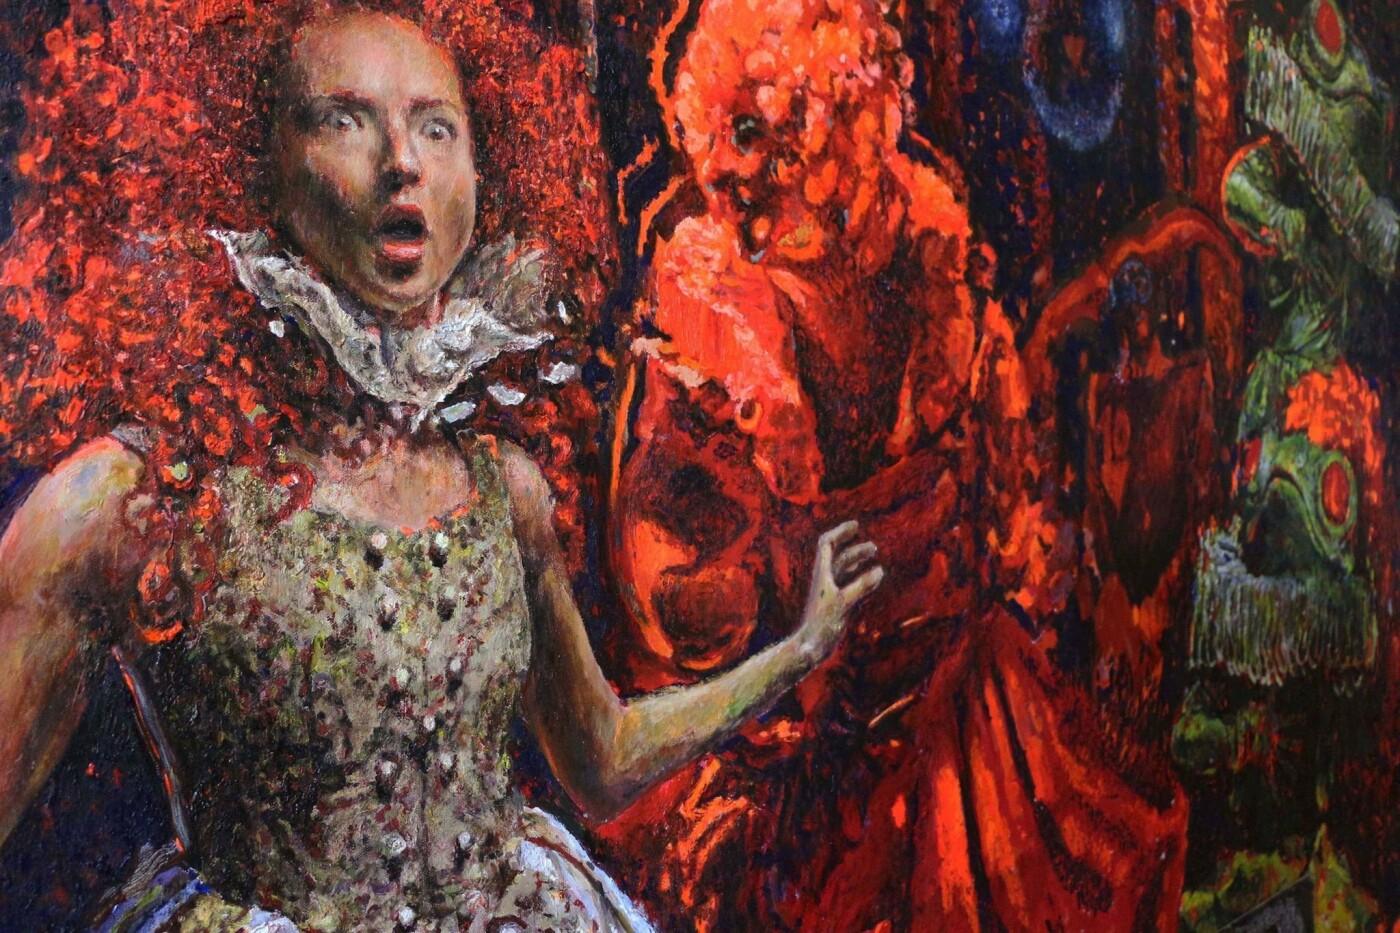 Робота Макса Сіра на тему Аліси в країні чудес, фото Віри Карпінської